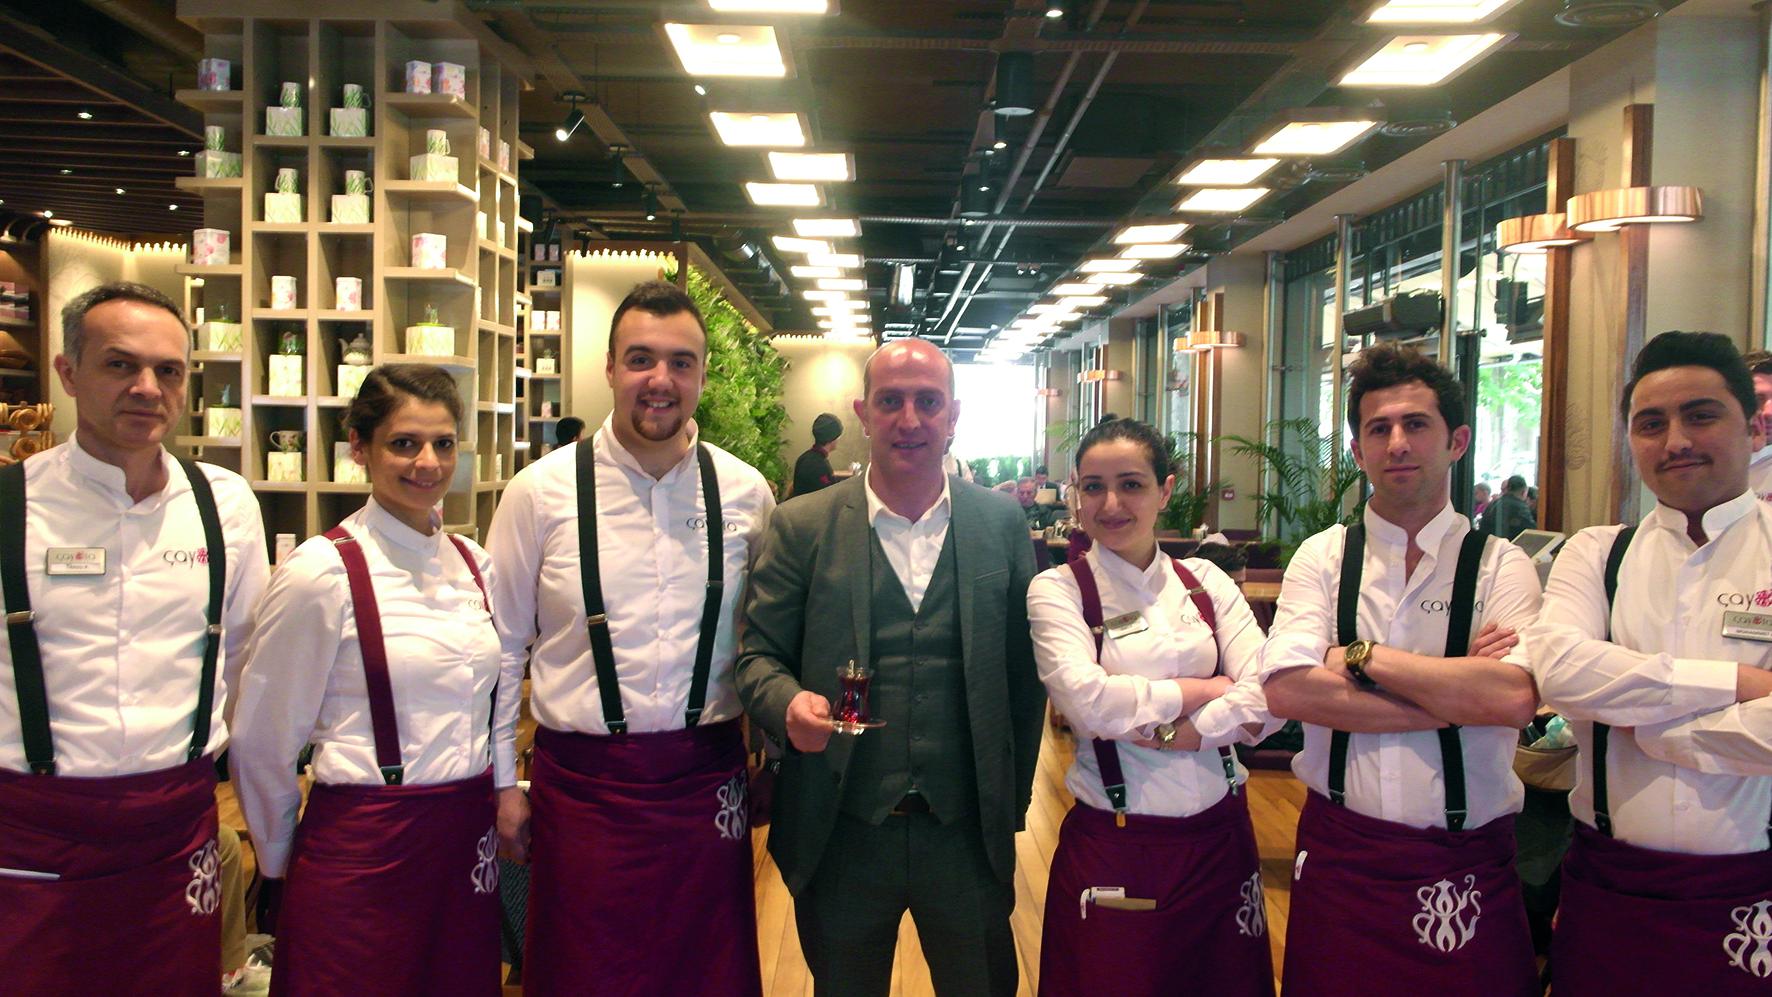 Son yıllarda dönüşüm geçiren ve kendini yenileyen Çaykur, bu yenilenme döneminde Didi ve Golden İstanbul gibi yeni markalar yarattı.